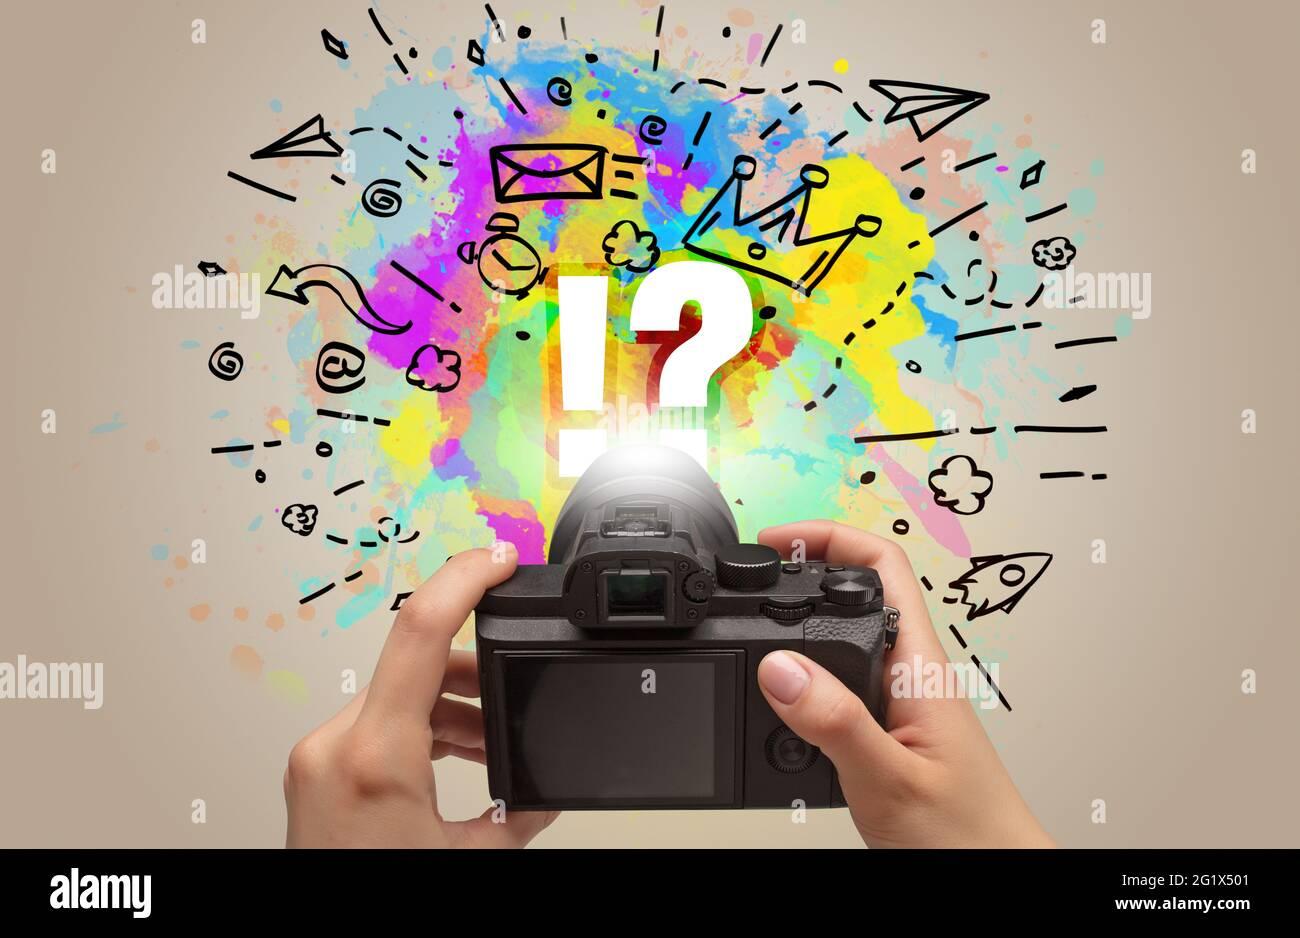 Nahaufnahme einer Digitalkamera mit Handgriff und abstrakter Zeichnung Konzept Stockfoto